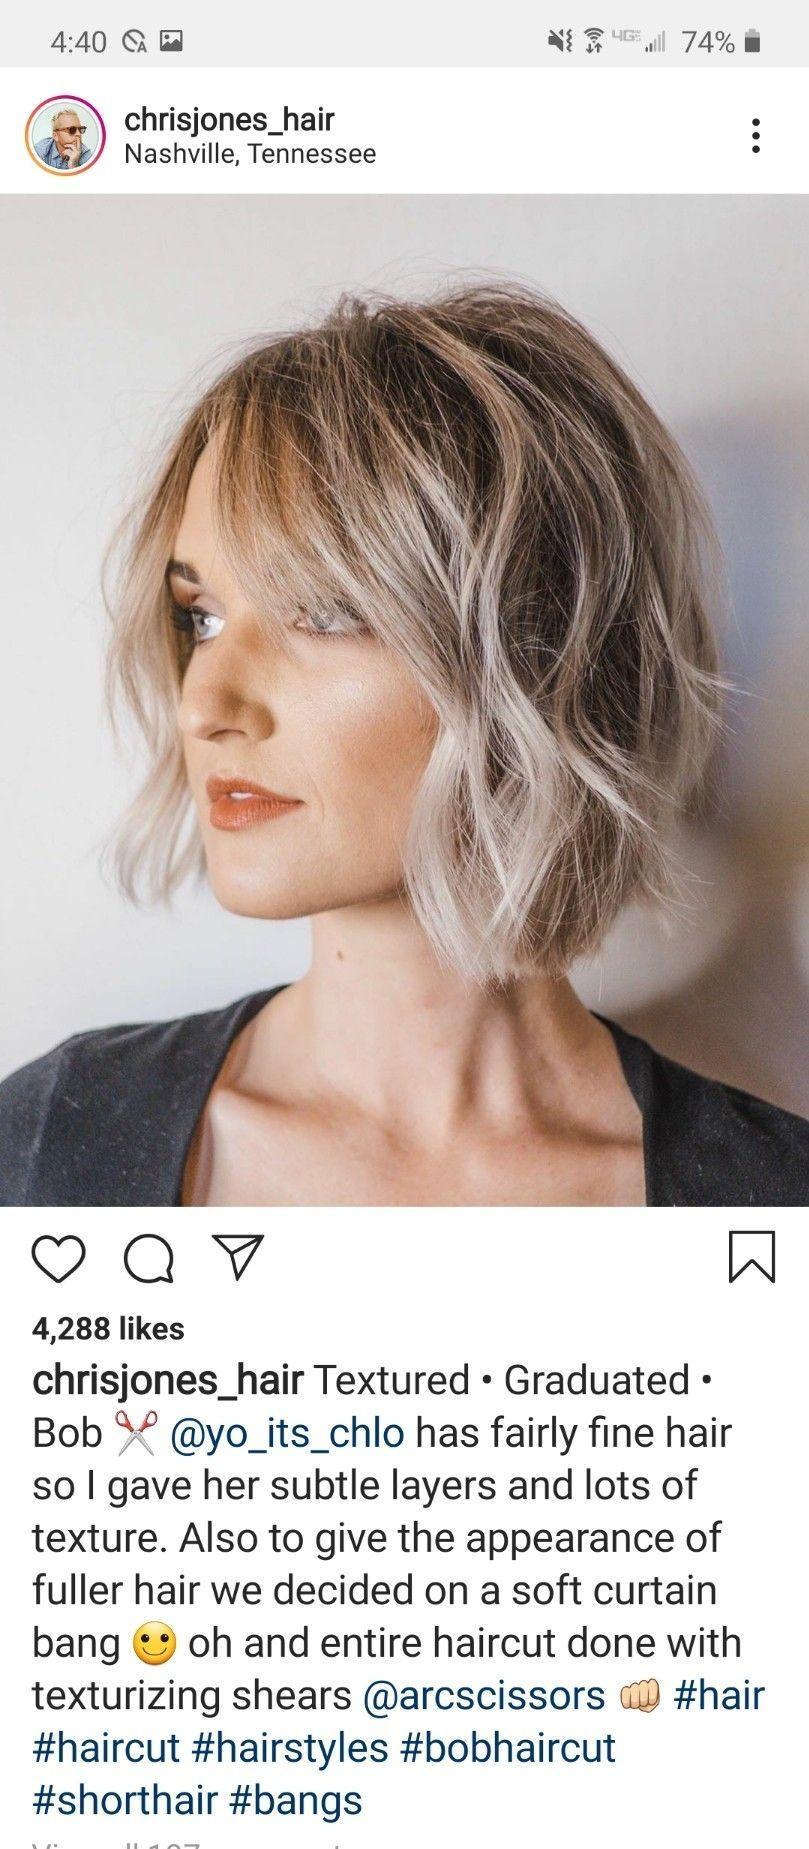 Curtain Bangs In 2020 Curtain Bangs Textured Hair Haircuts With Bangs